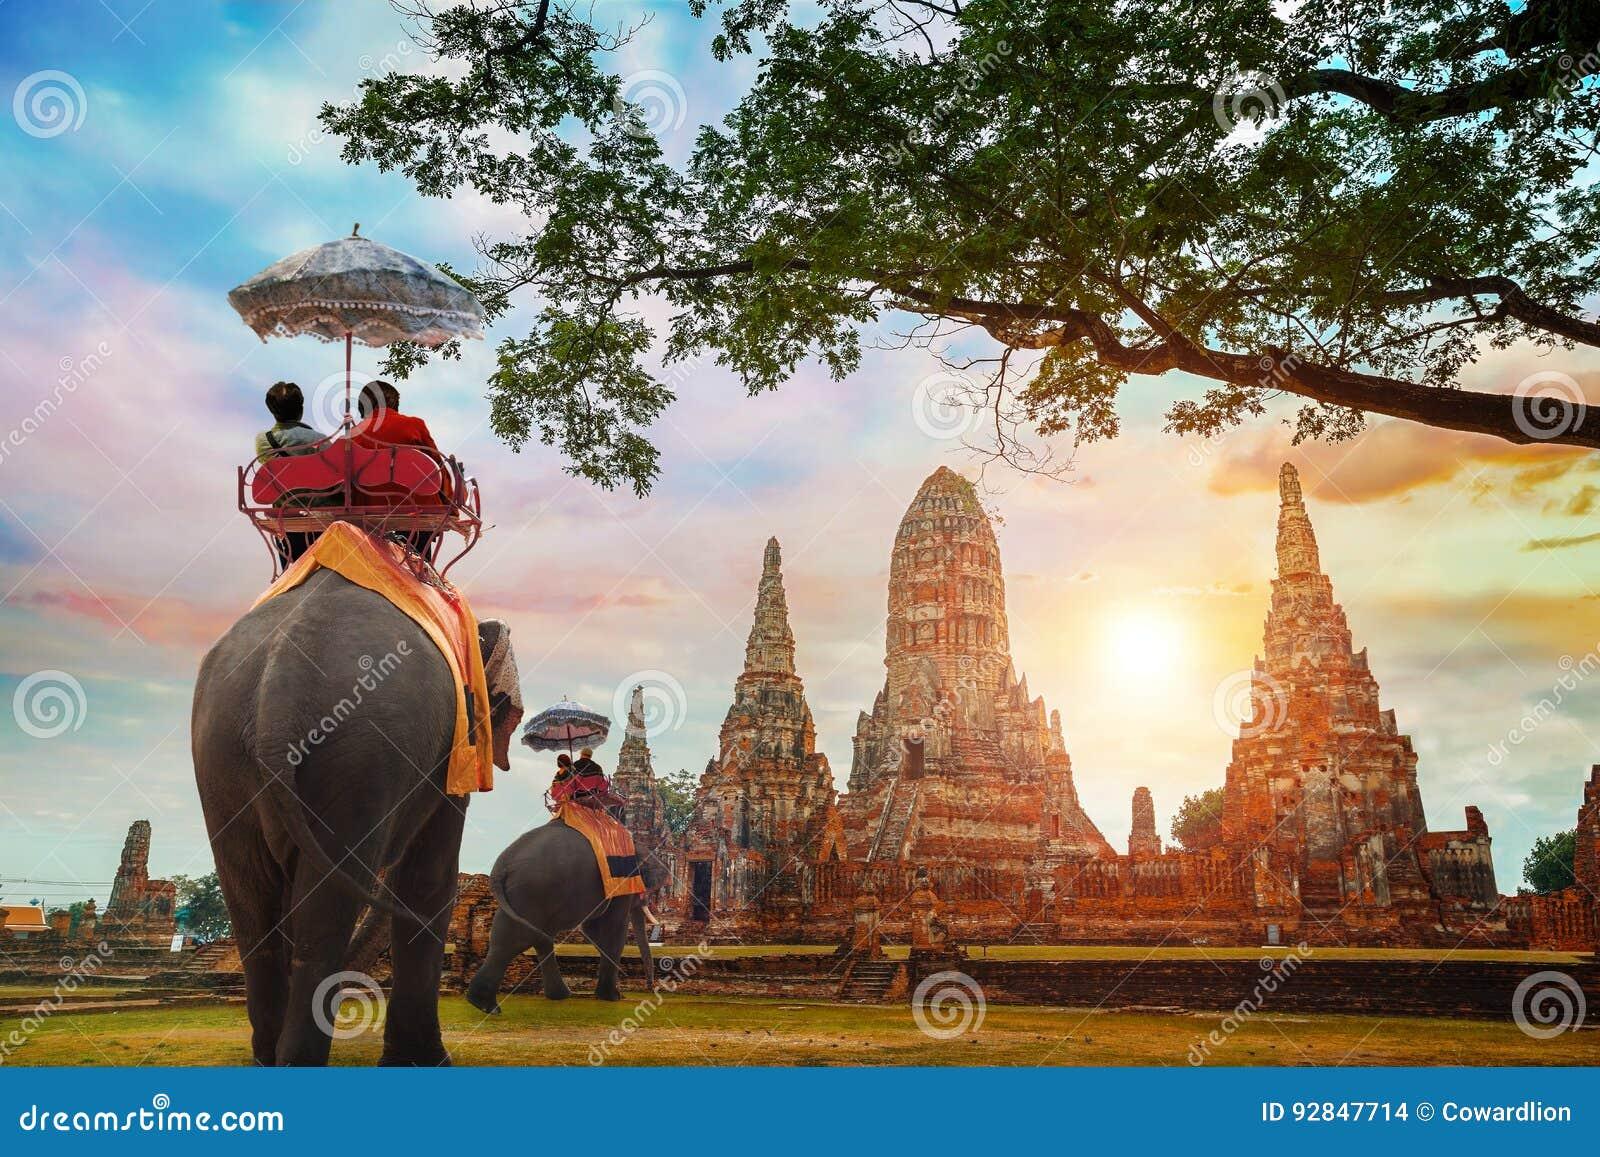 Turistas com os elefantes no templo de Wat Chaiwatthanaram no parque histórico de Ayuthaya, Tailândia